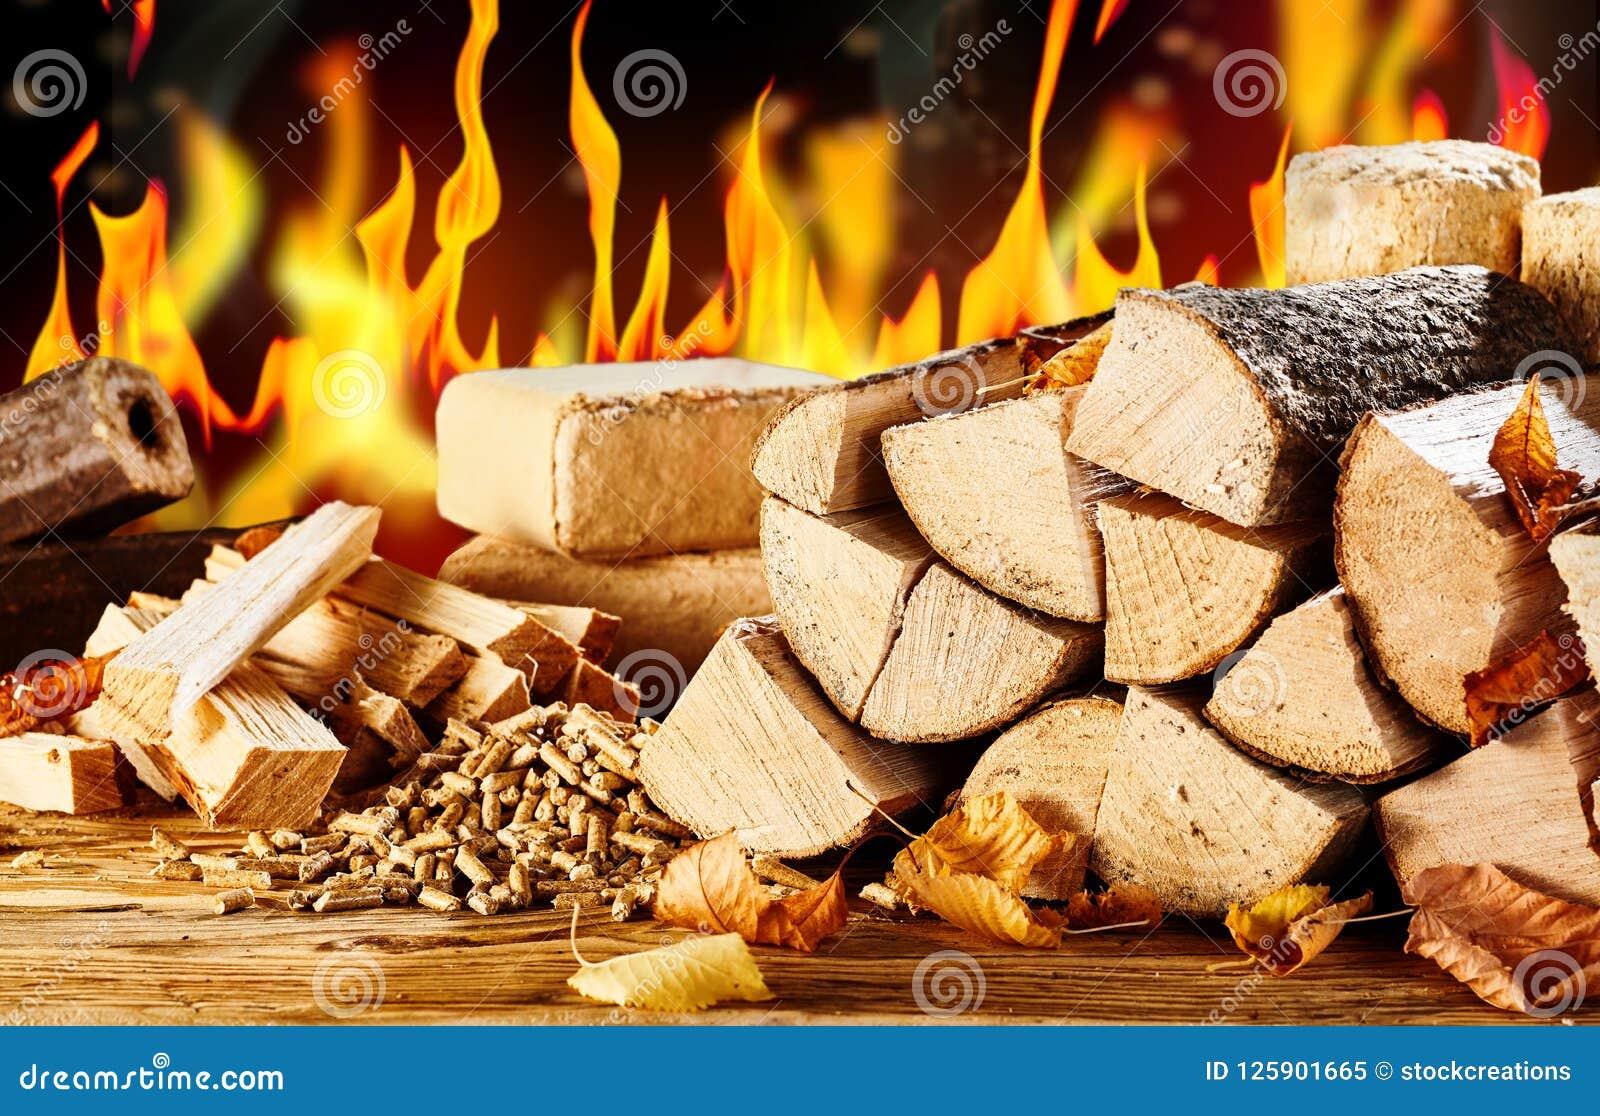 Geassorteerde types van natuurlijke biofuels voor het verwarmen